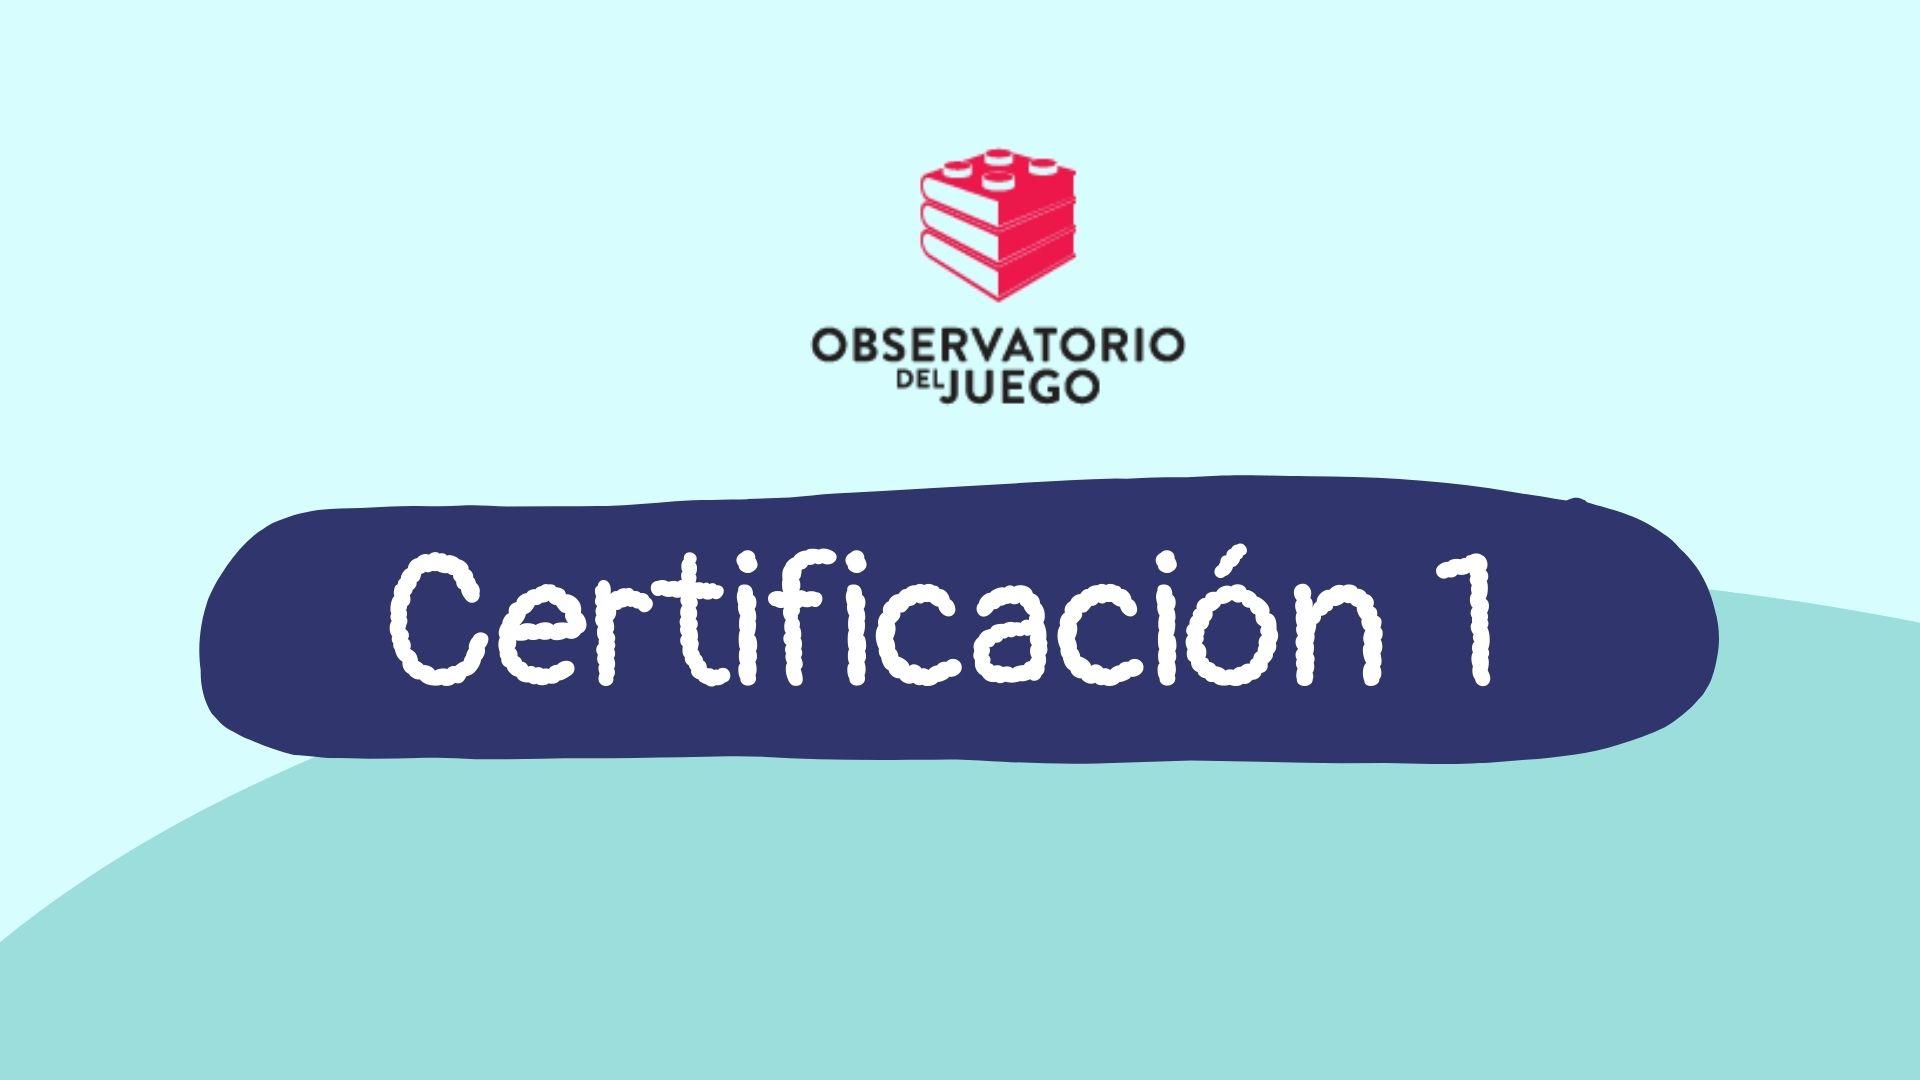 Certificacion 1